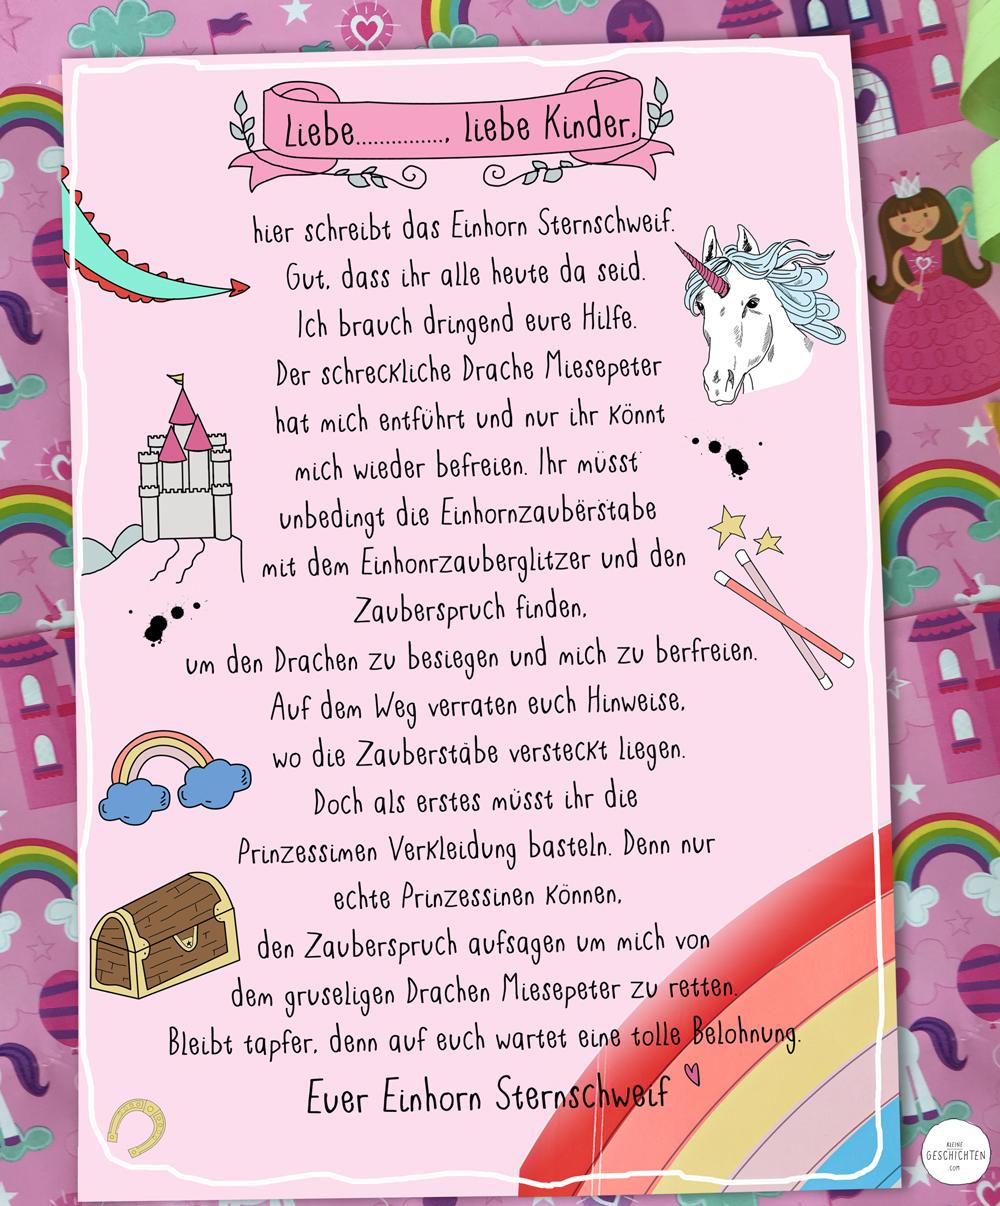 KleineGeschichten-13-Kleine-Geschichten-Prinzessinnen-Party-Bastelideen-Spieleideen-Krone-selber-basteln-kostenlose-Vorlage-Kindergeburstag-Mottoparty-Printessinnen-Geburstag